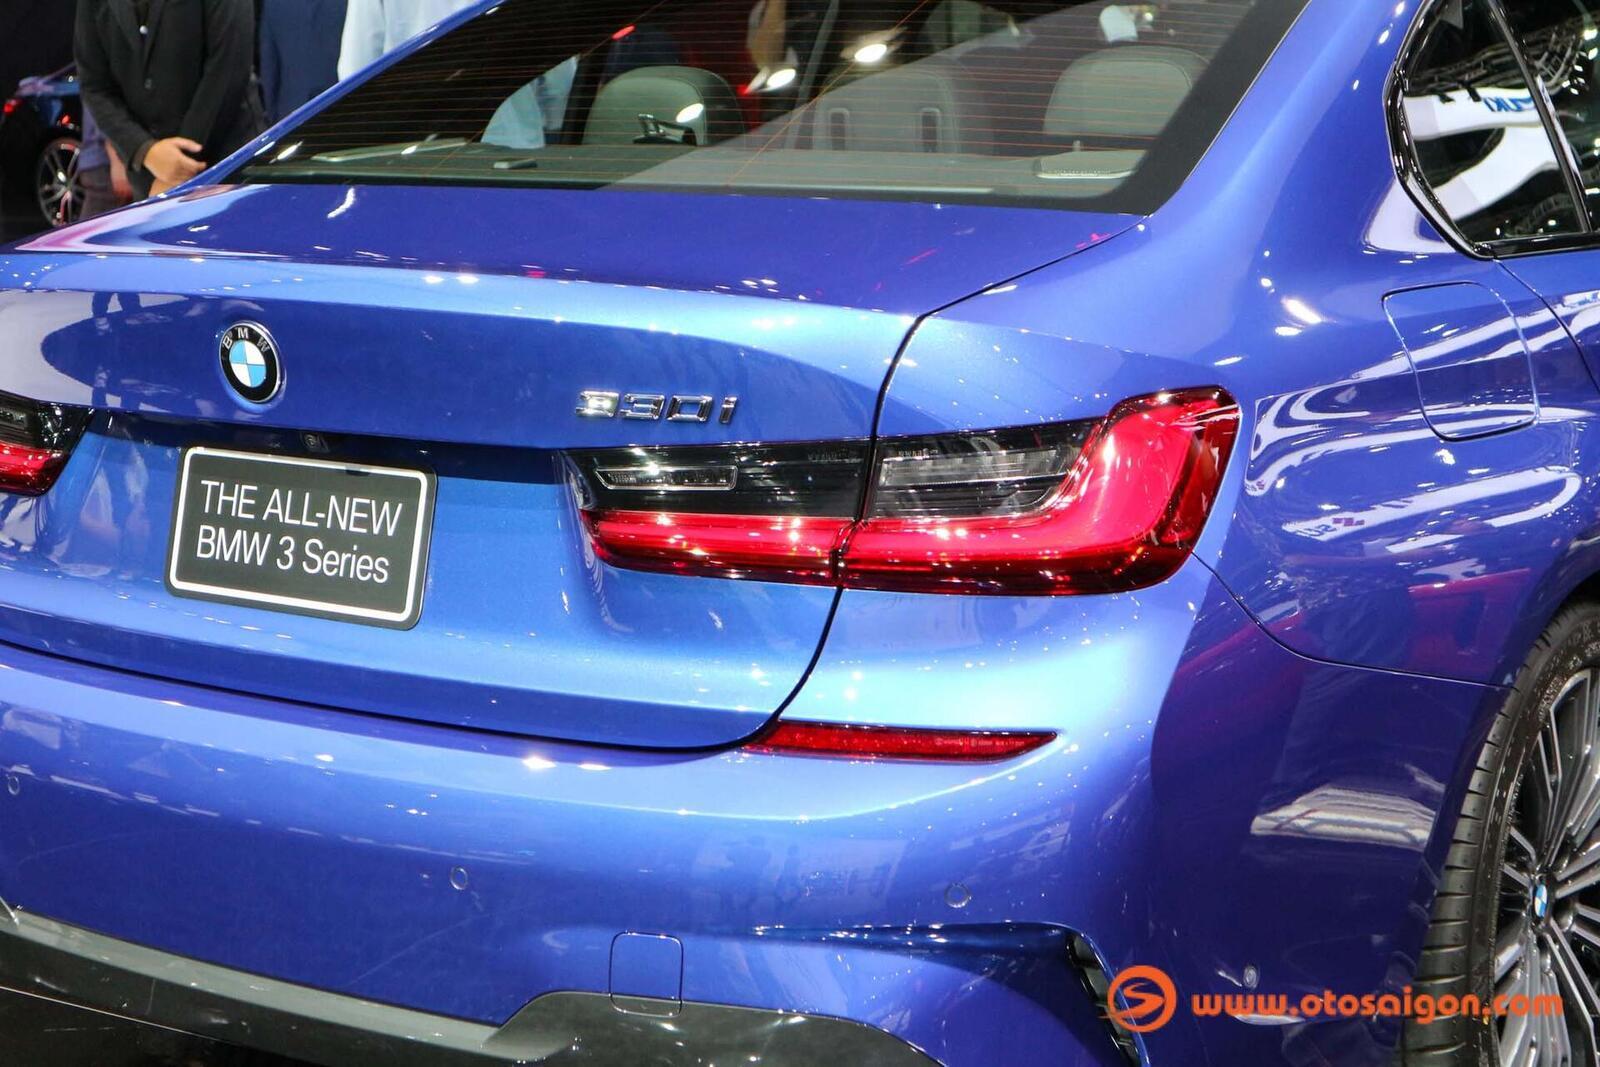 BMW 3 Series mới tại Thái Lan có giá bán từ 2,1 đến 2,4 tỷ đồng - Hình 9